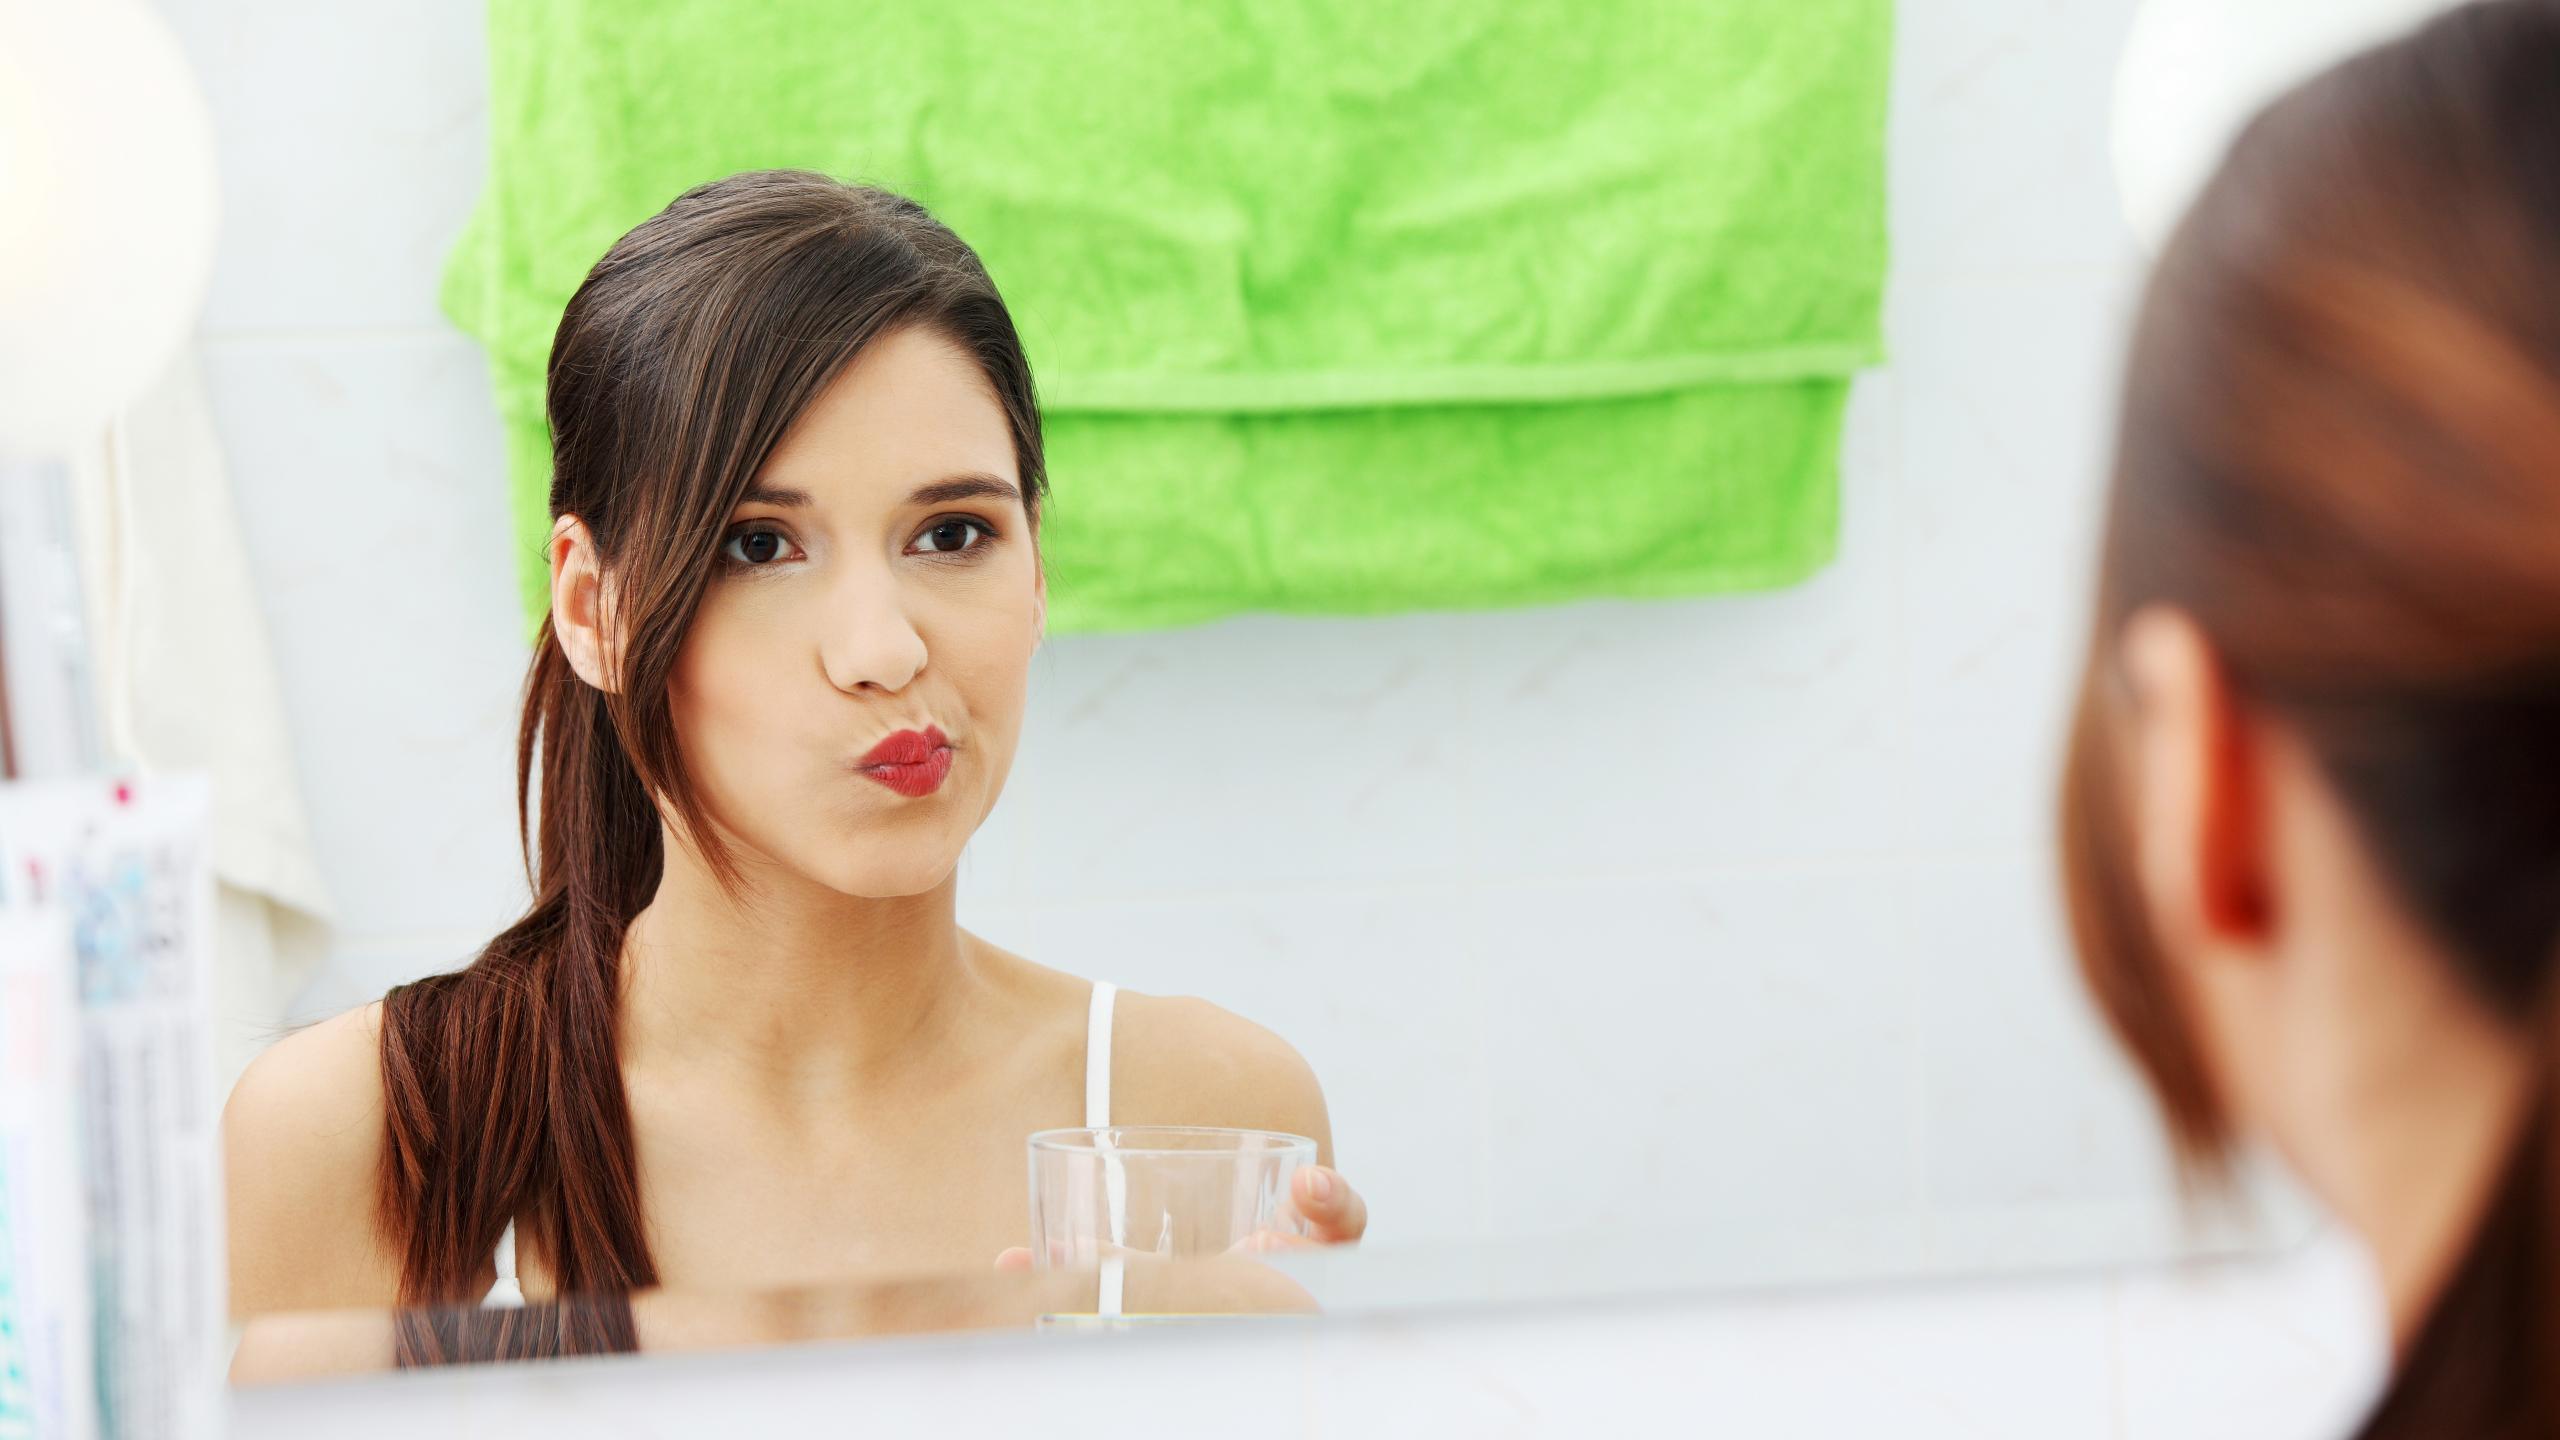 Ополаскиватель для рта может защитить от коронавируса — предположение ученых